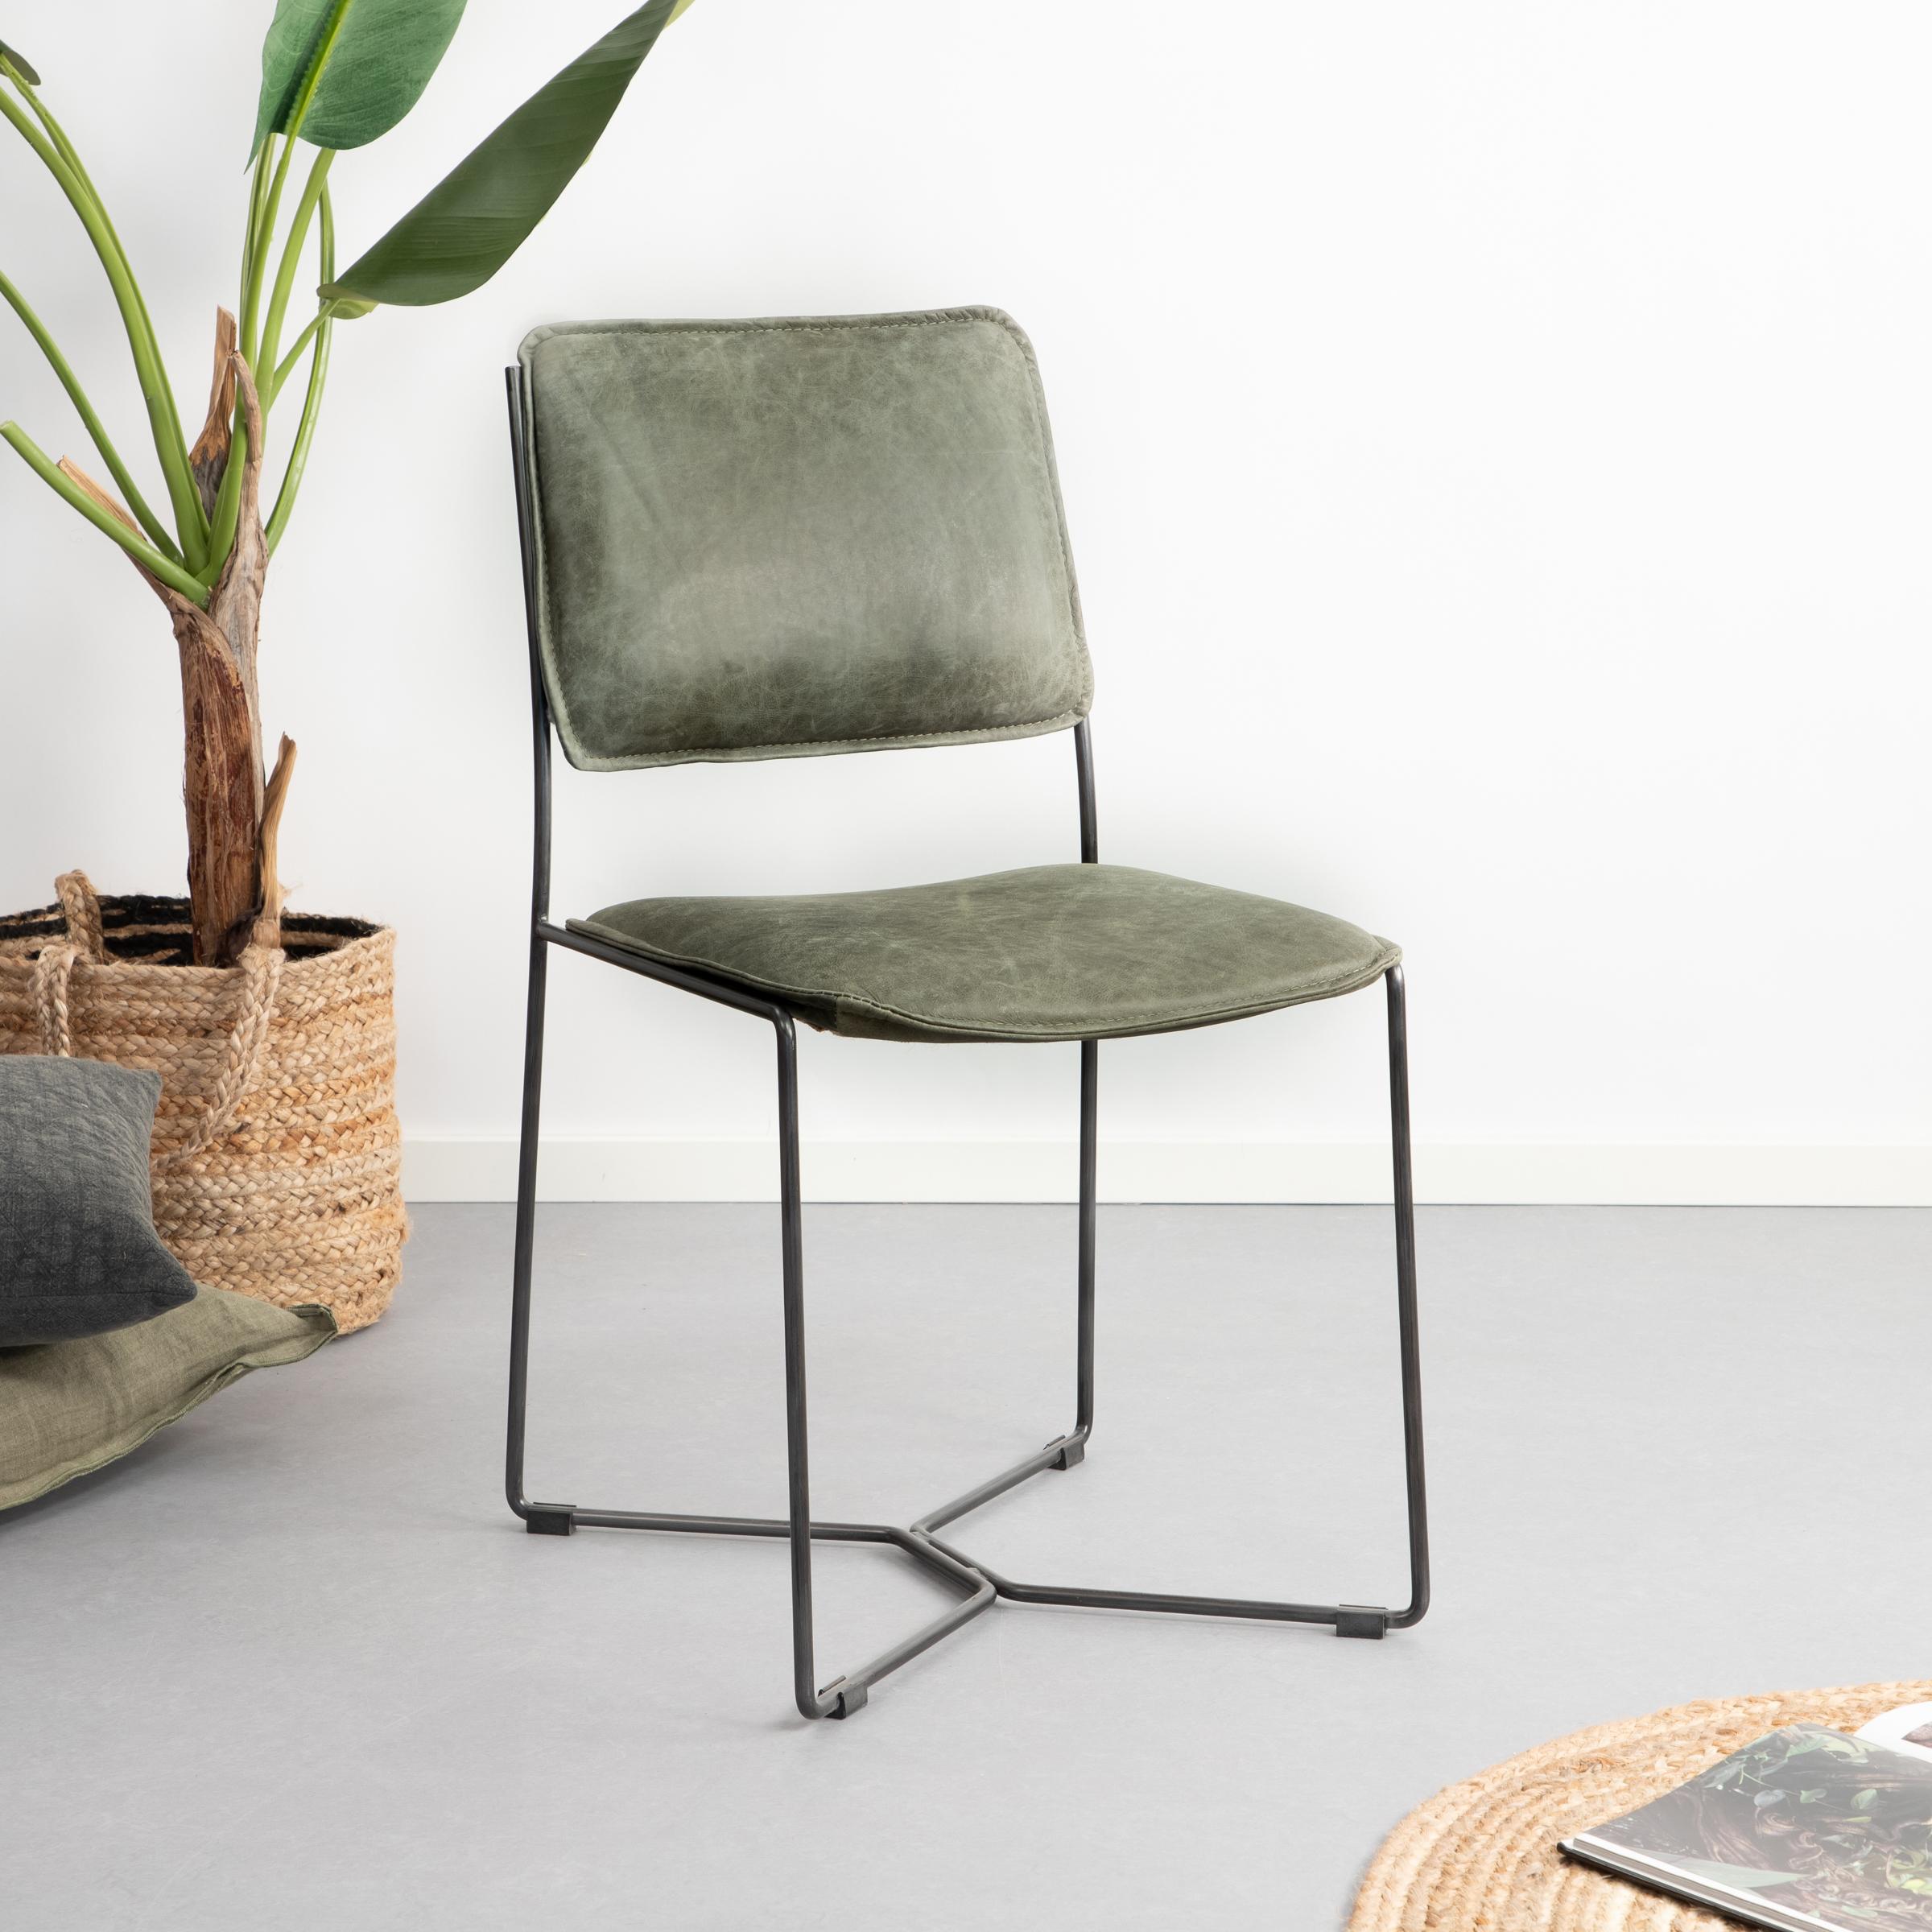 Uw partner in meubels: Eetkamerstoel 'Mees' vintage leder, kleur groen Zitmeubelen | Eetkamerstoelen